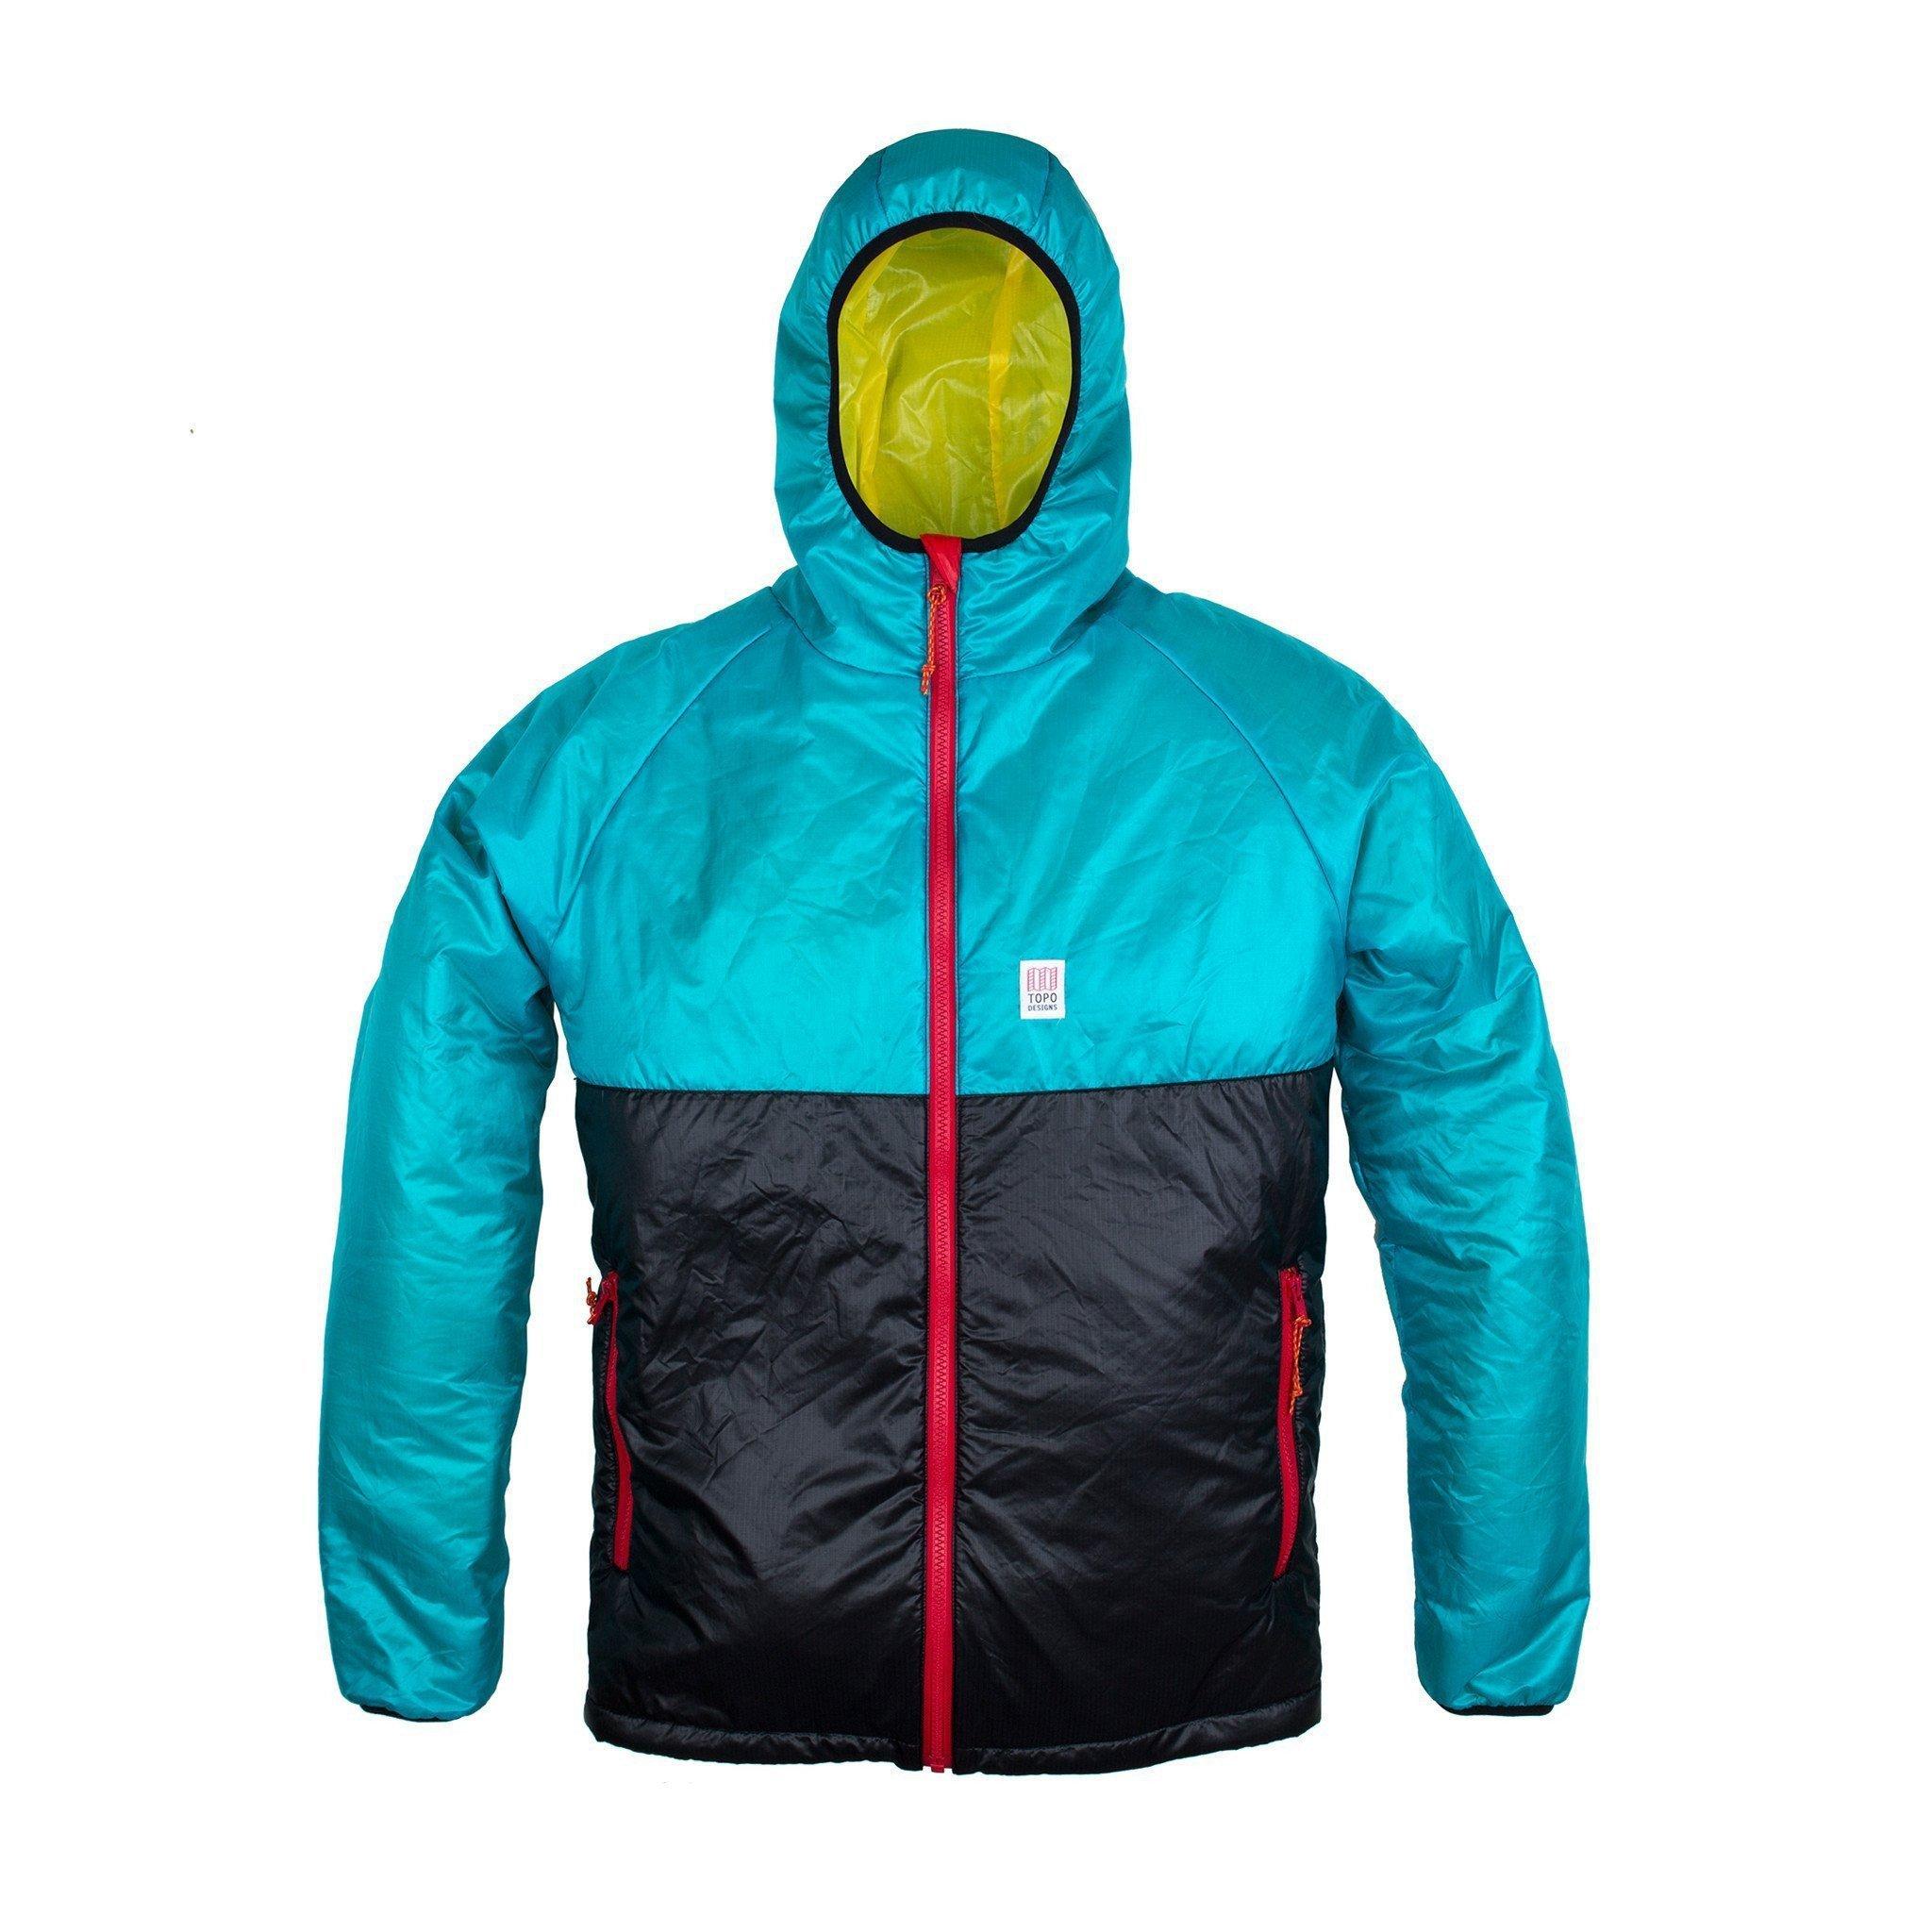 apparel-puffer-hoodie-2_2048x2048.jpg